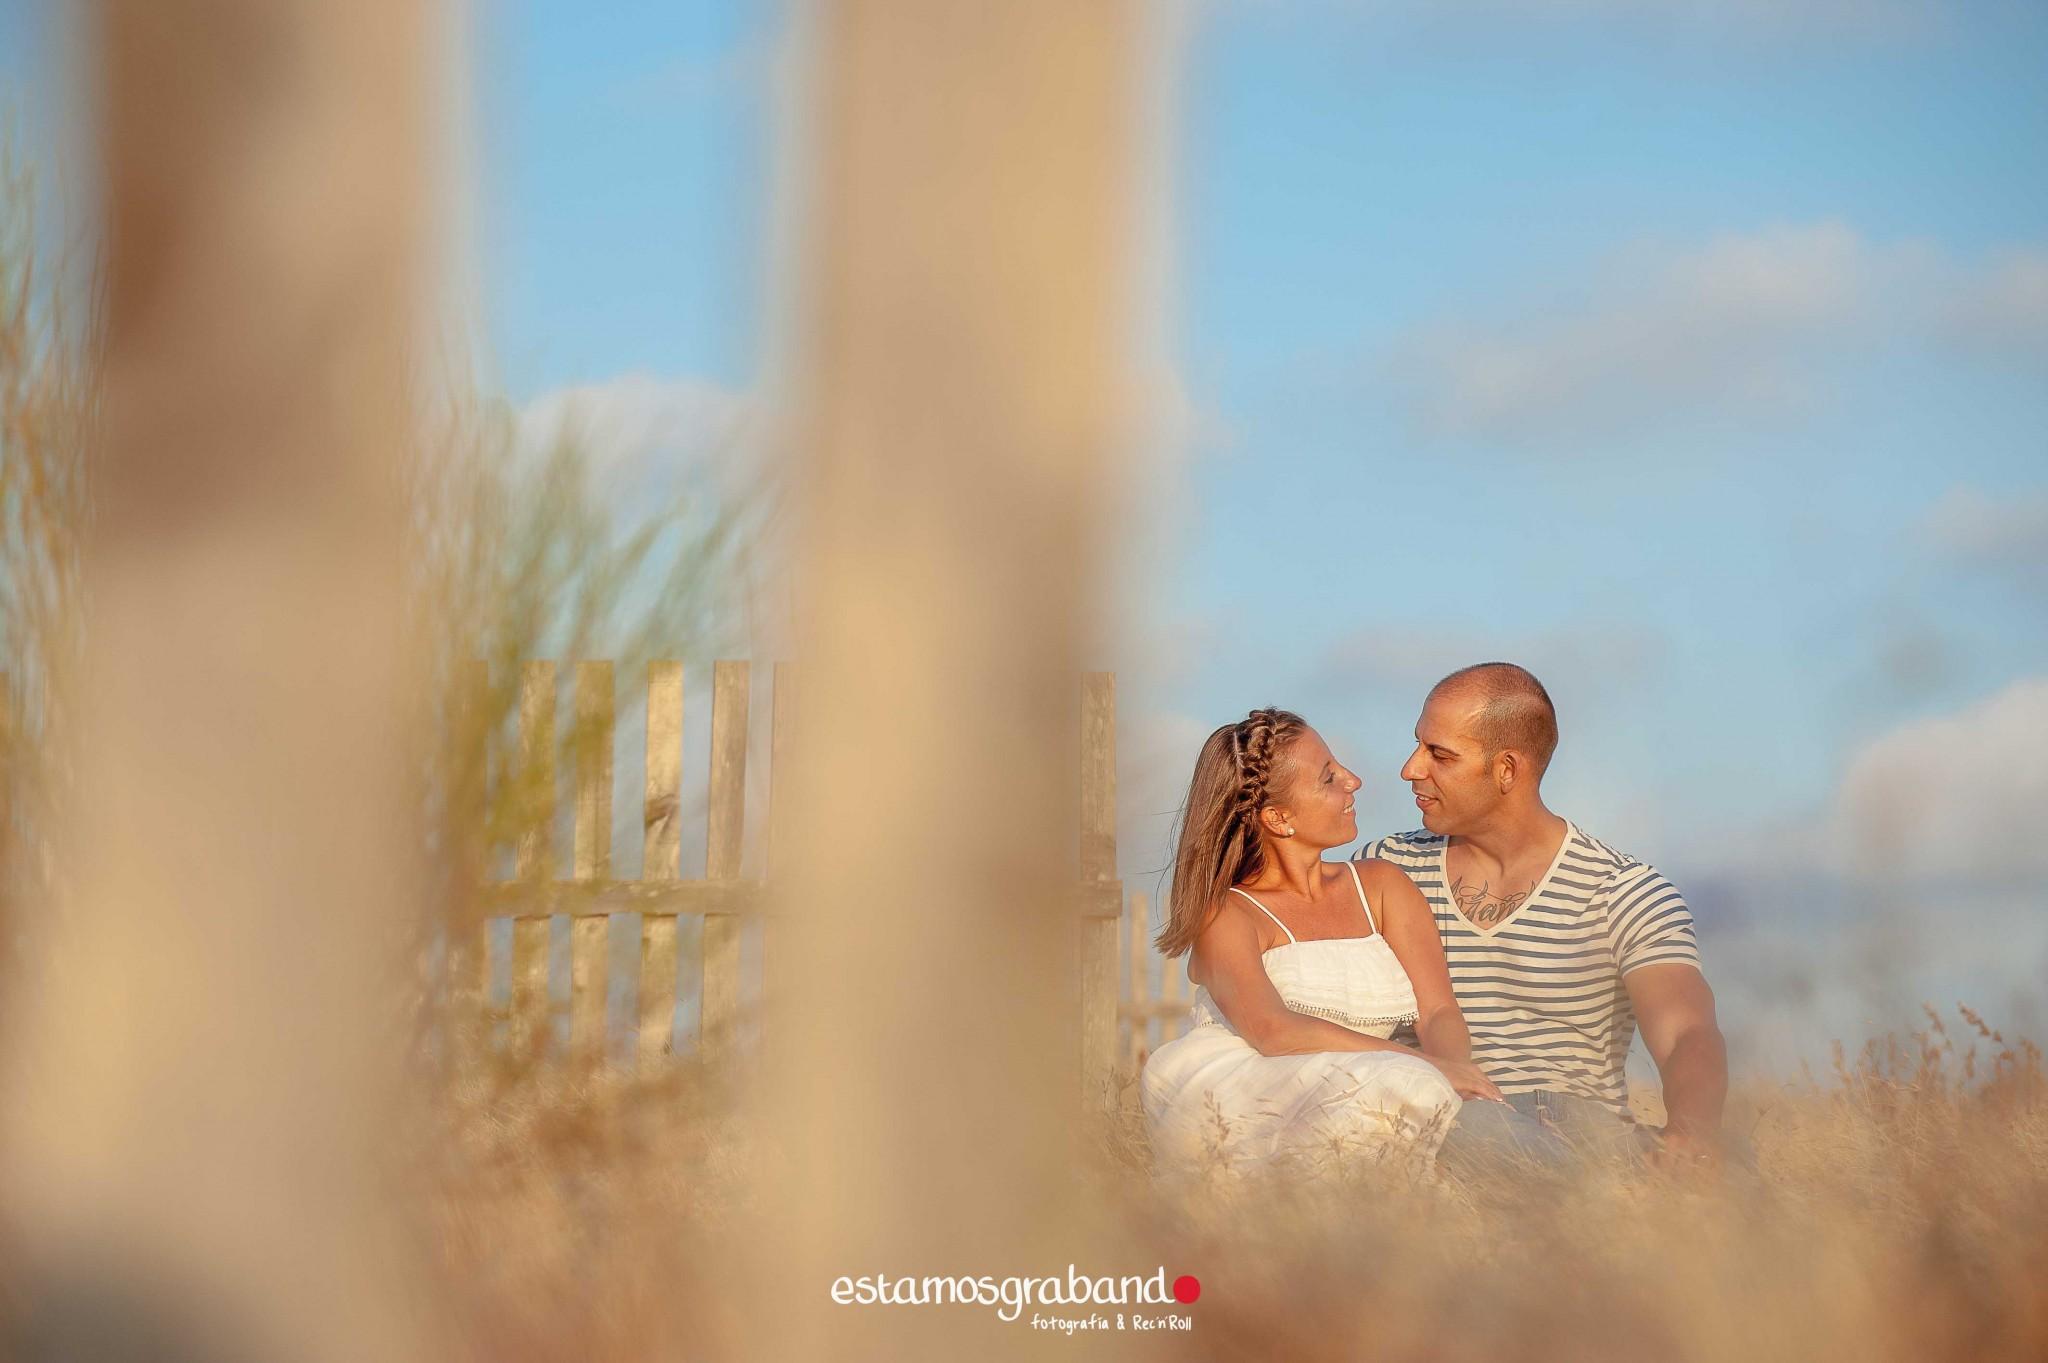 pareja-misteriosa_estamosgrabando-15 Sancti Petri y sus luces [Preboda Raquel & Ale] - video boda cadiz